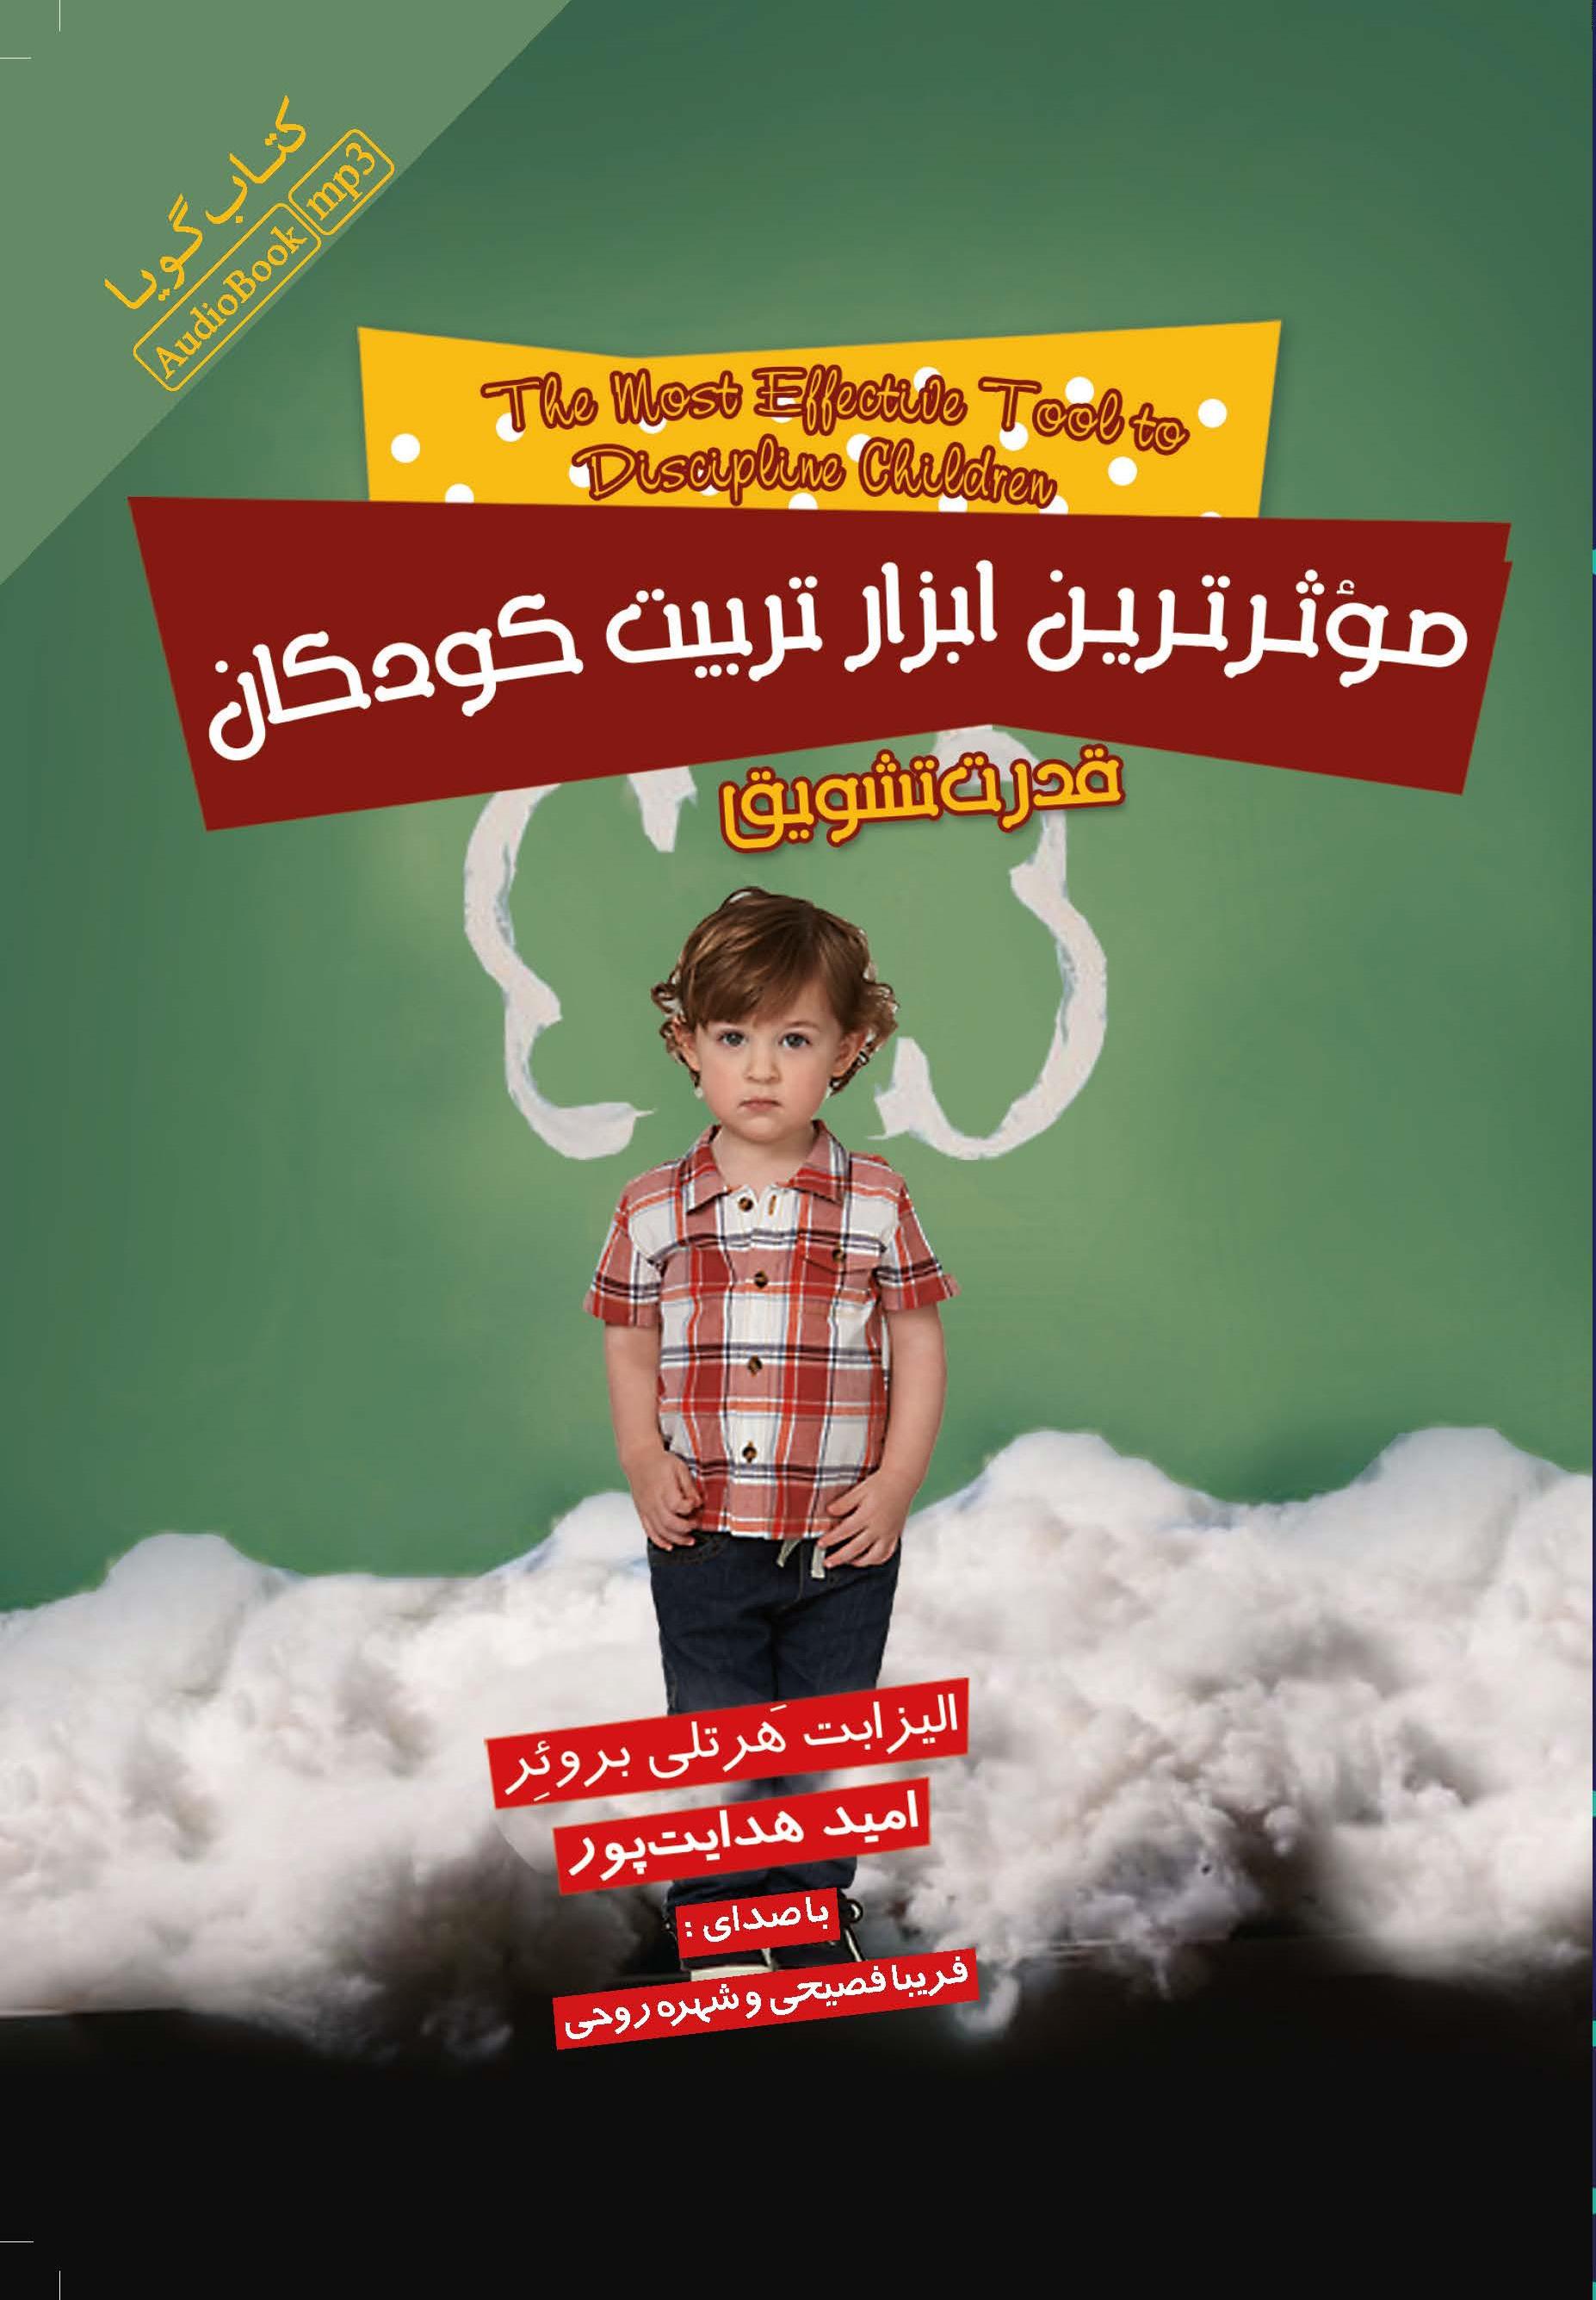 کتاب صوتی موثرترین ابزار تربیت کودکان (قدرت تشویق)